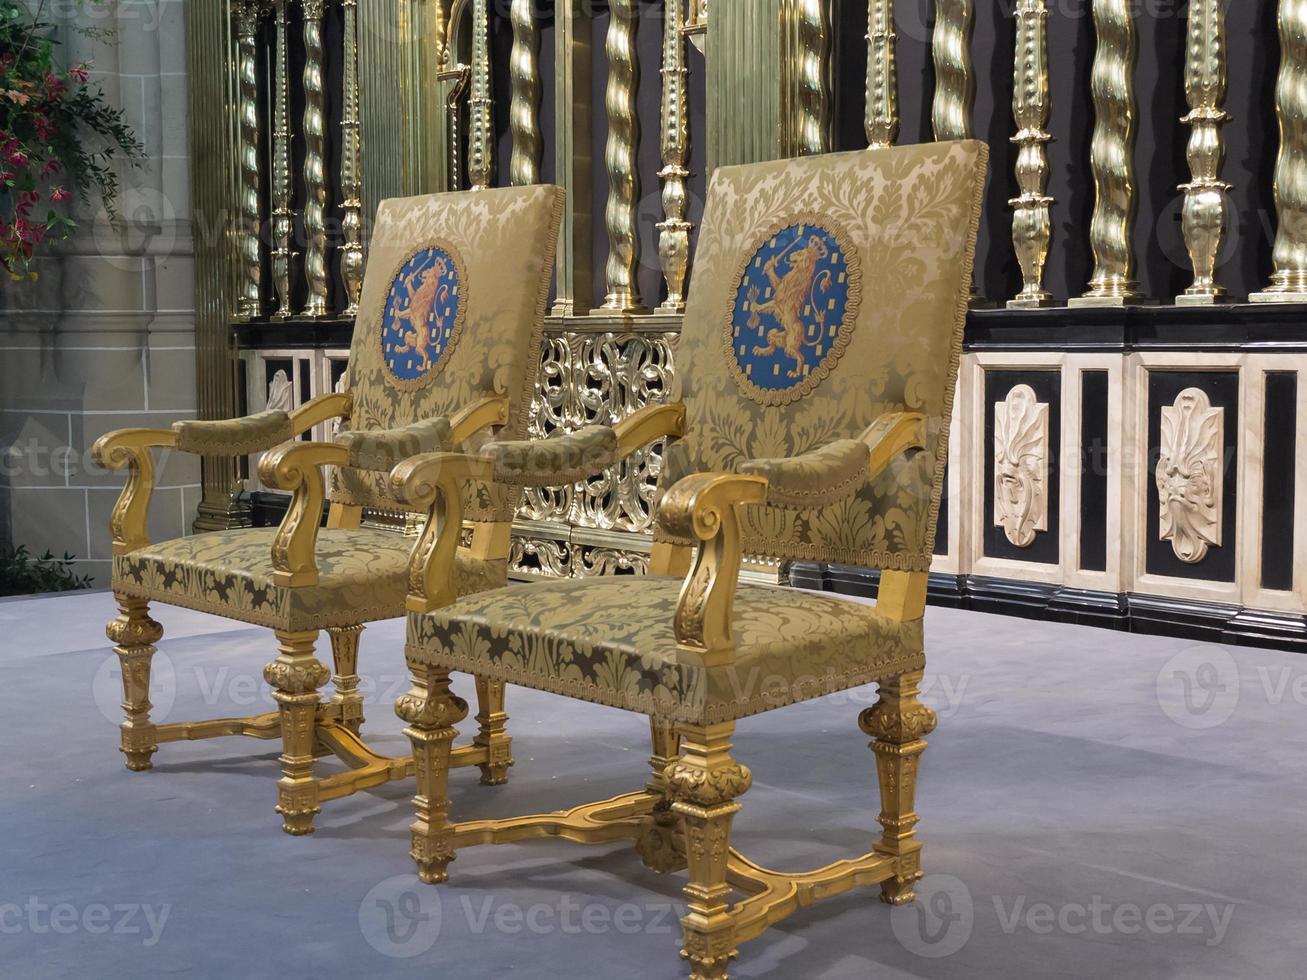 kungliga säten som använts under invigningen av ny kung foto